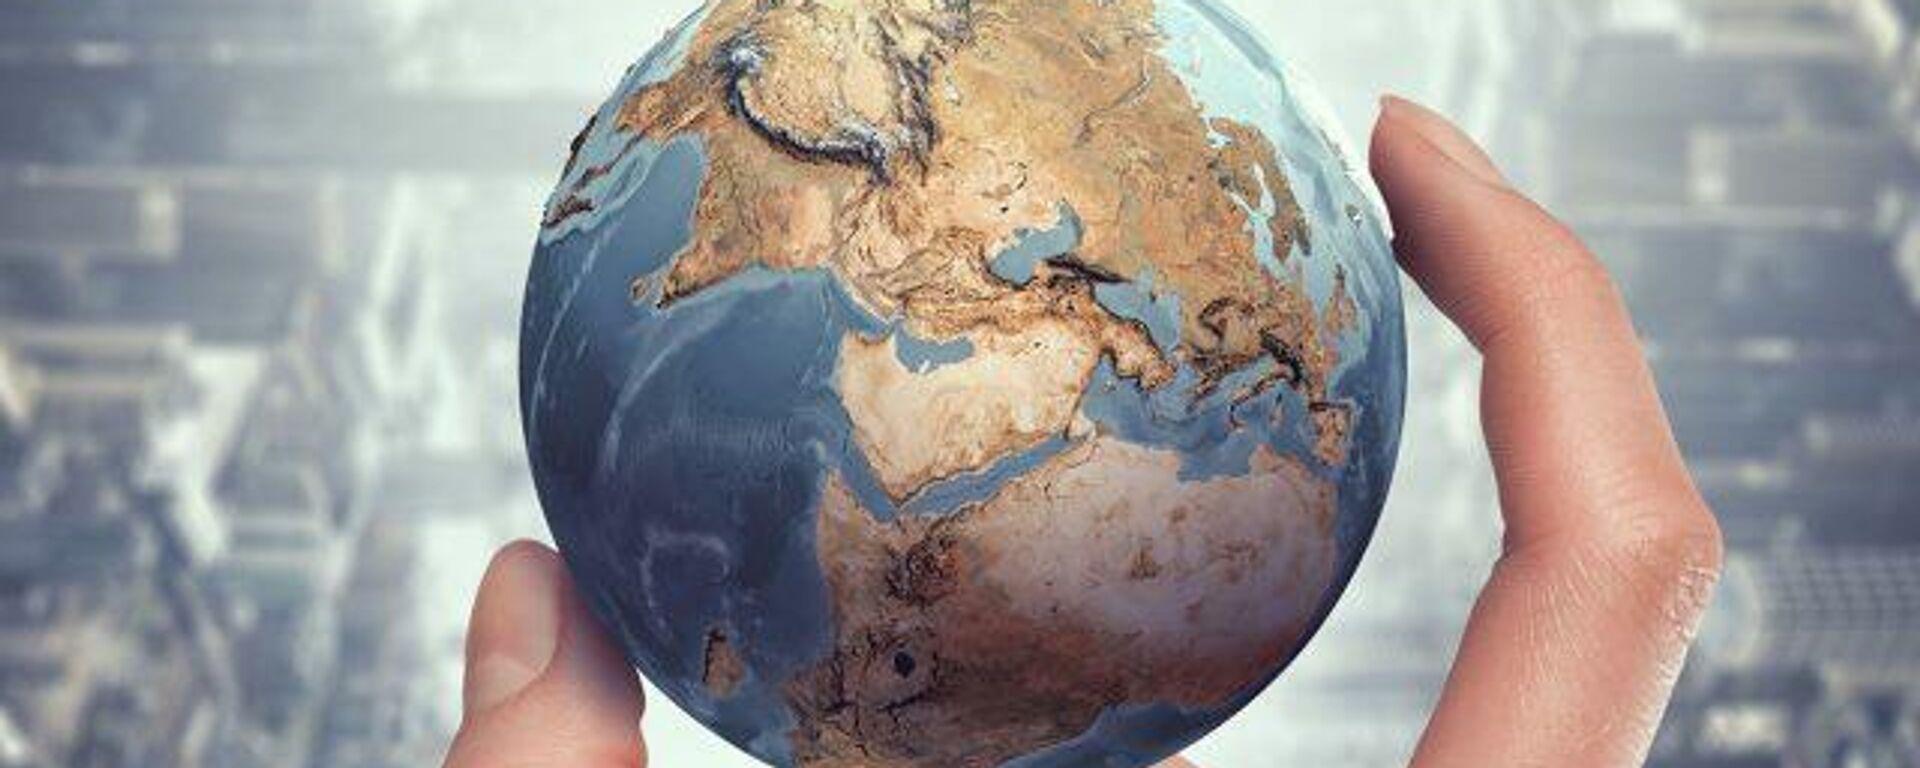 Recuperación en pandemia: el petróleo alcanza su precio más alto en 3 años - Sputnik Mundo, 1920, 28.09.2021